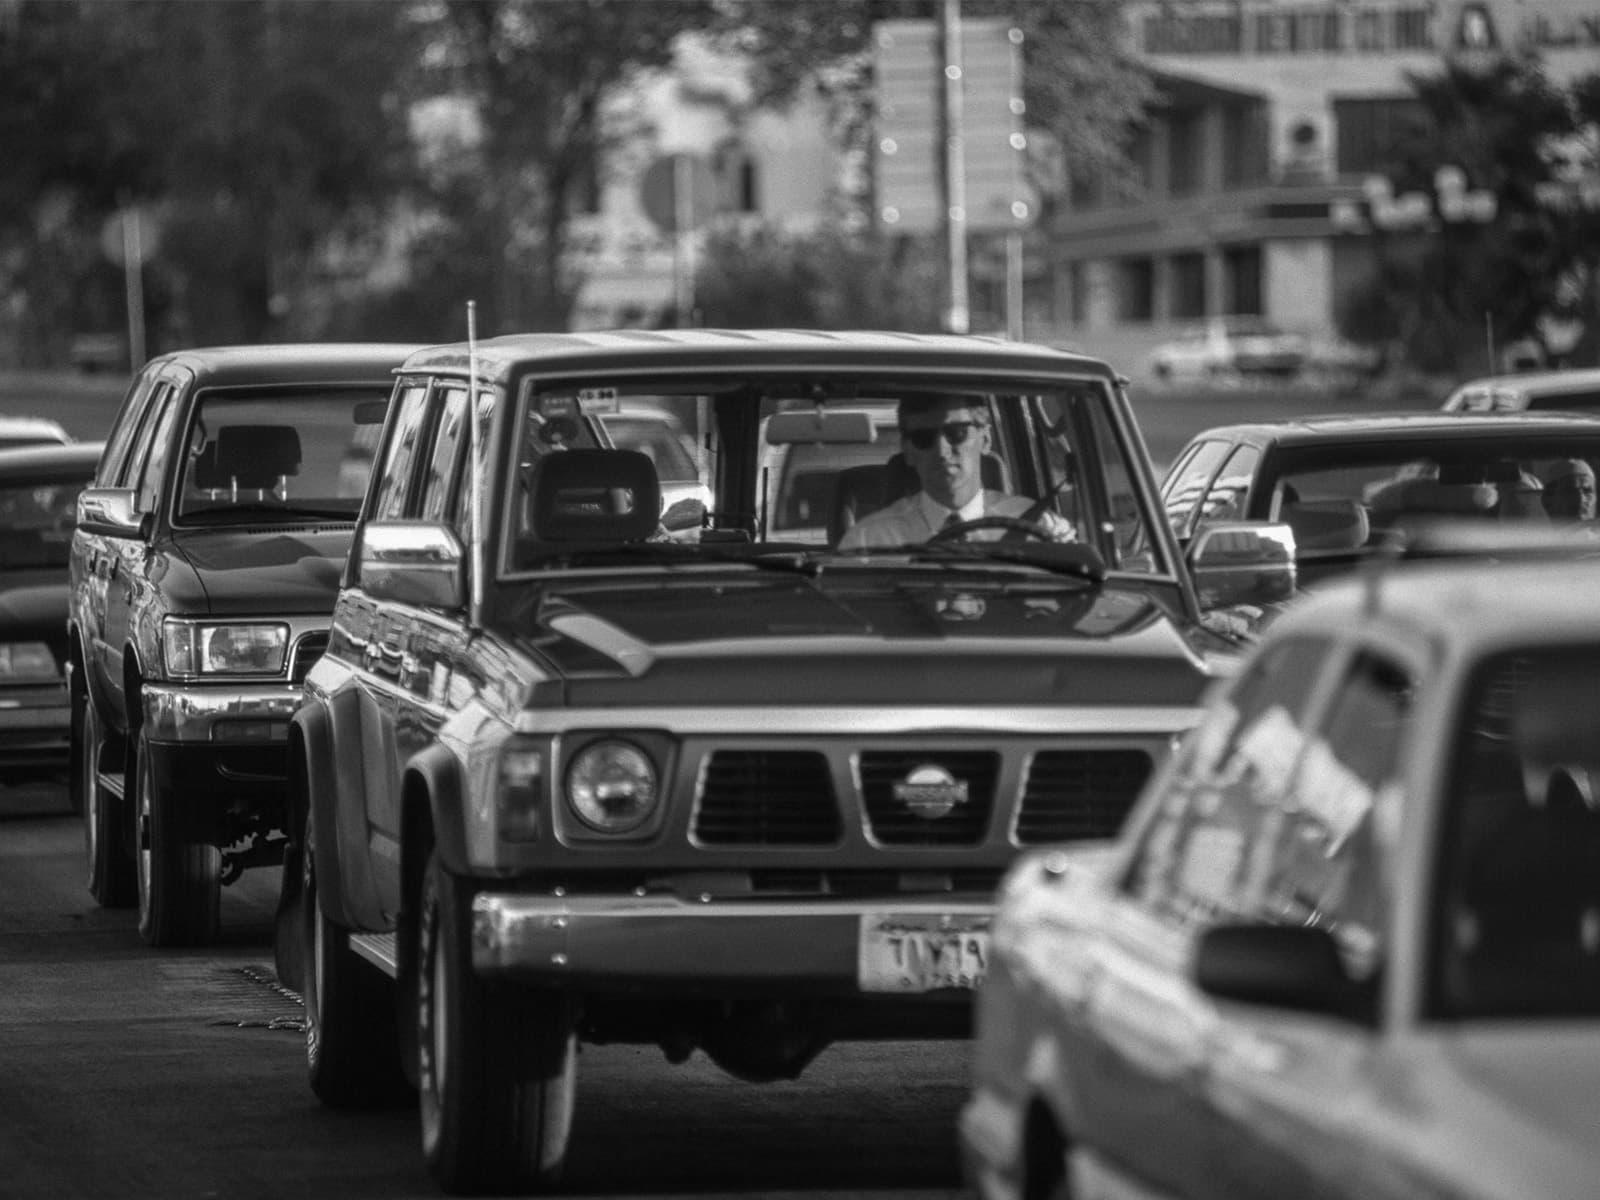 تجربة بريطاني في مواقف سيارات سعودية